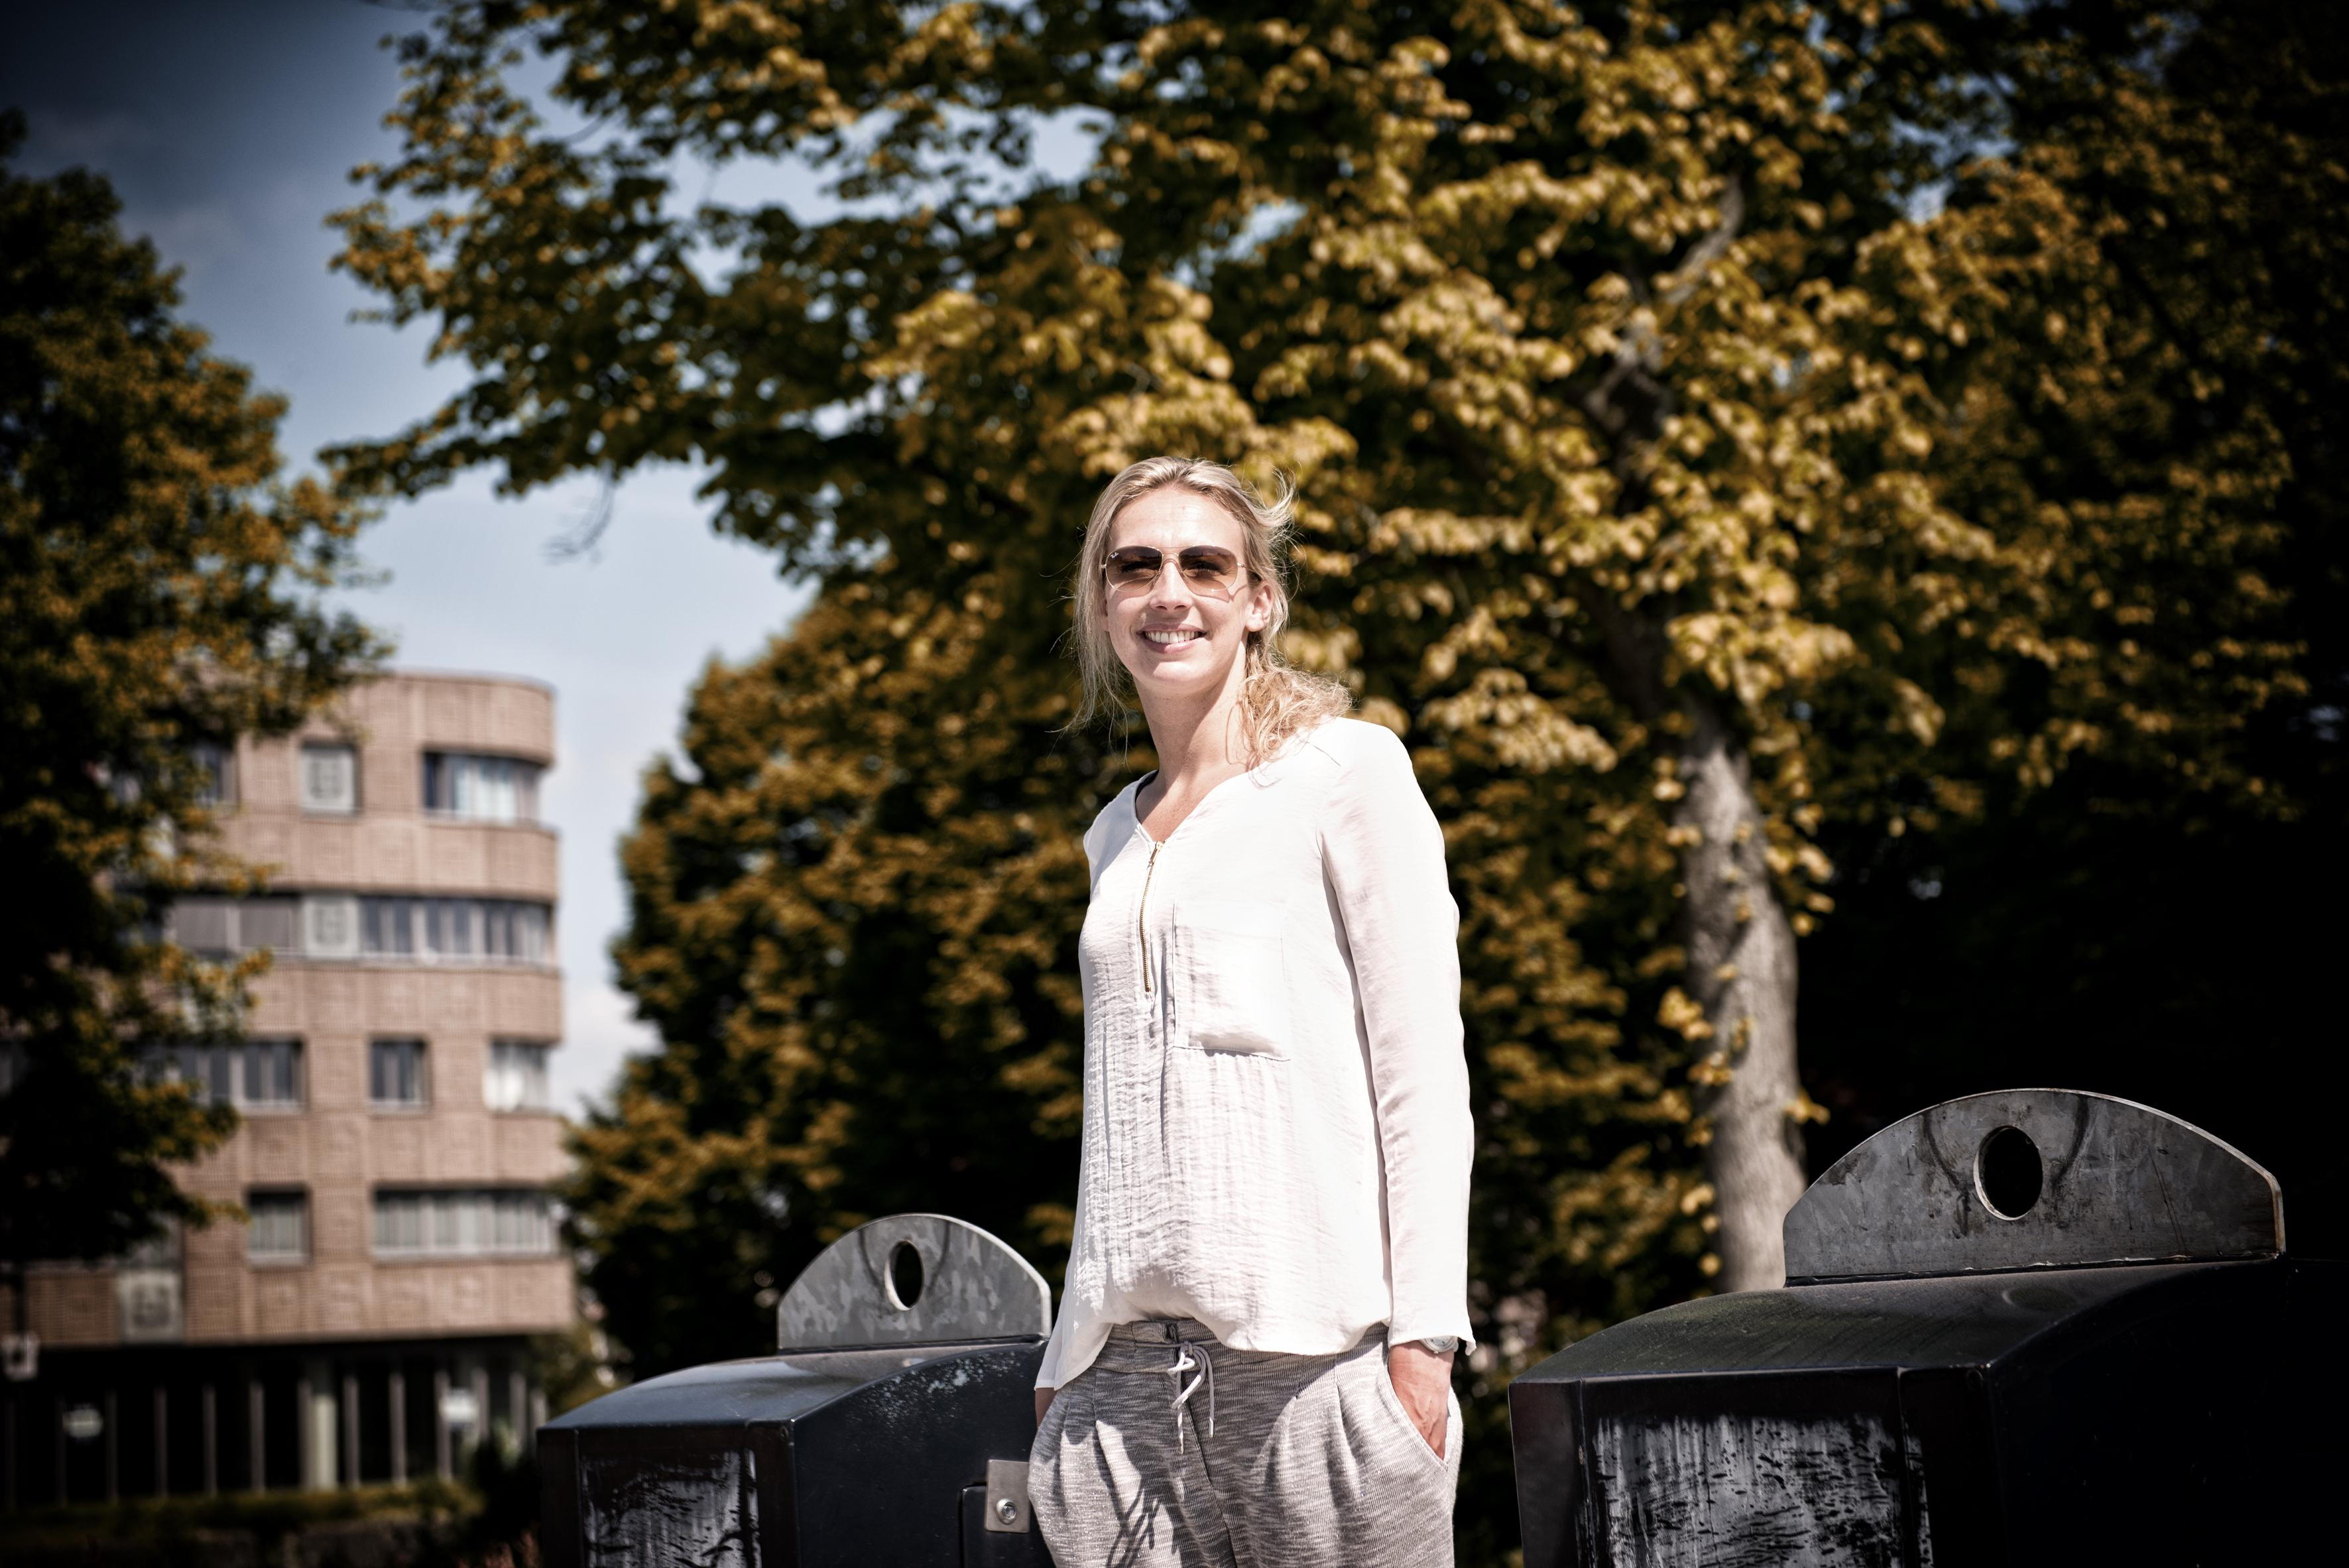 Ilona Kroeske